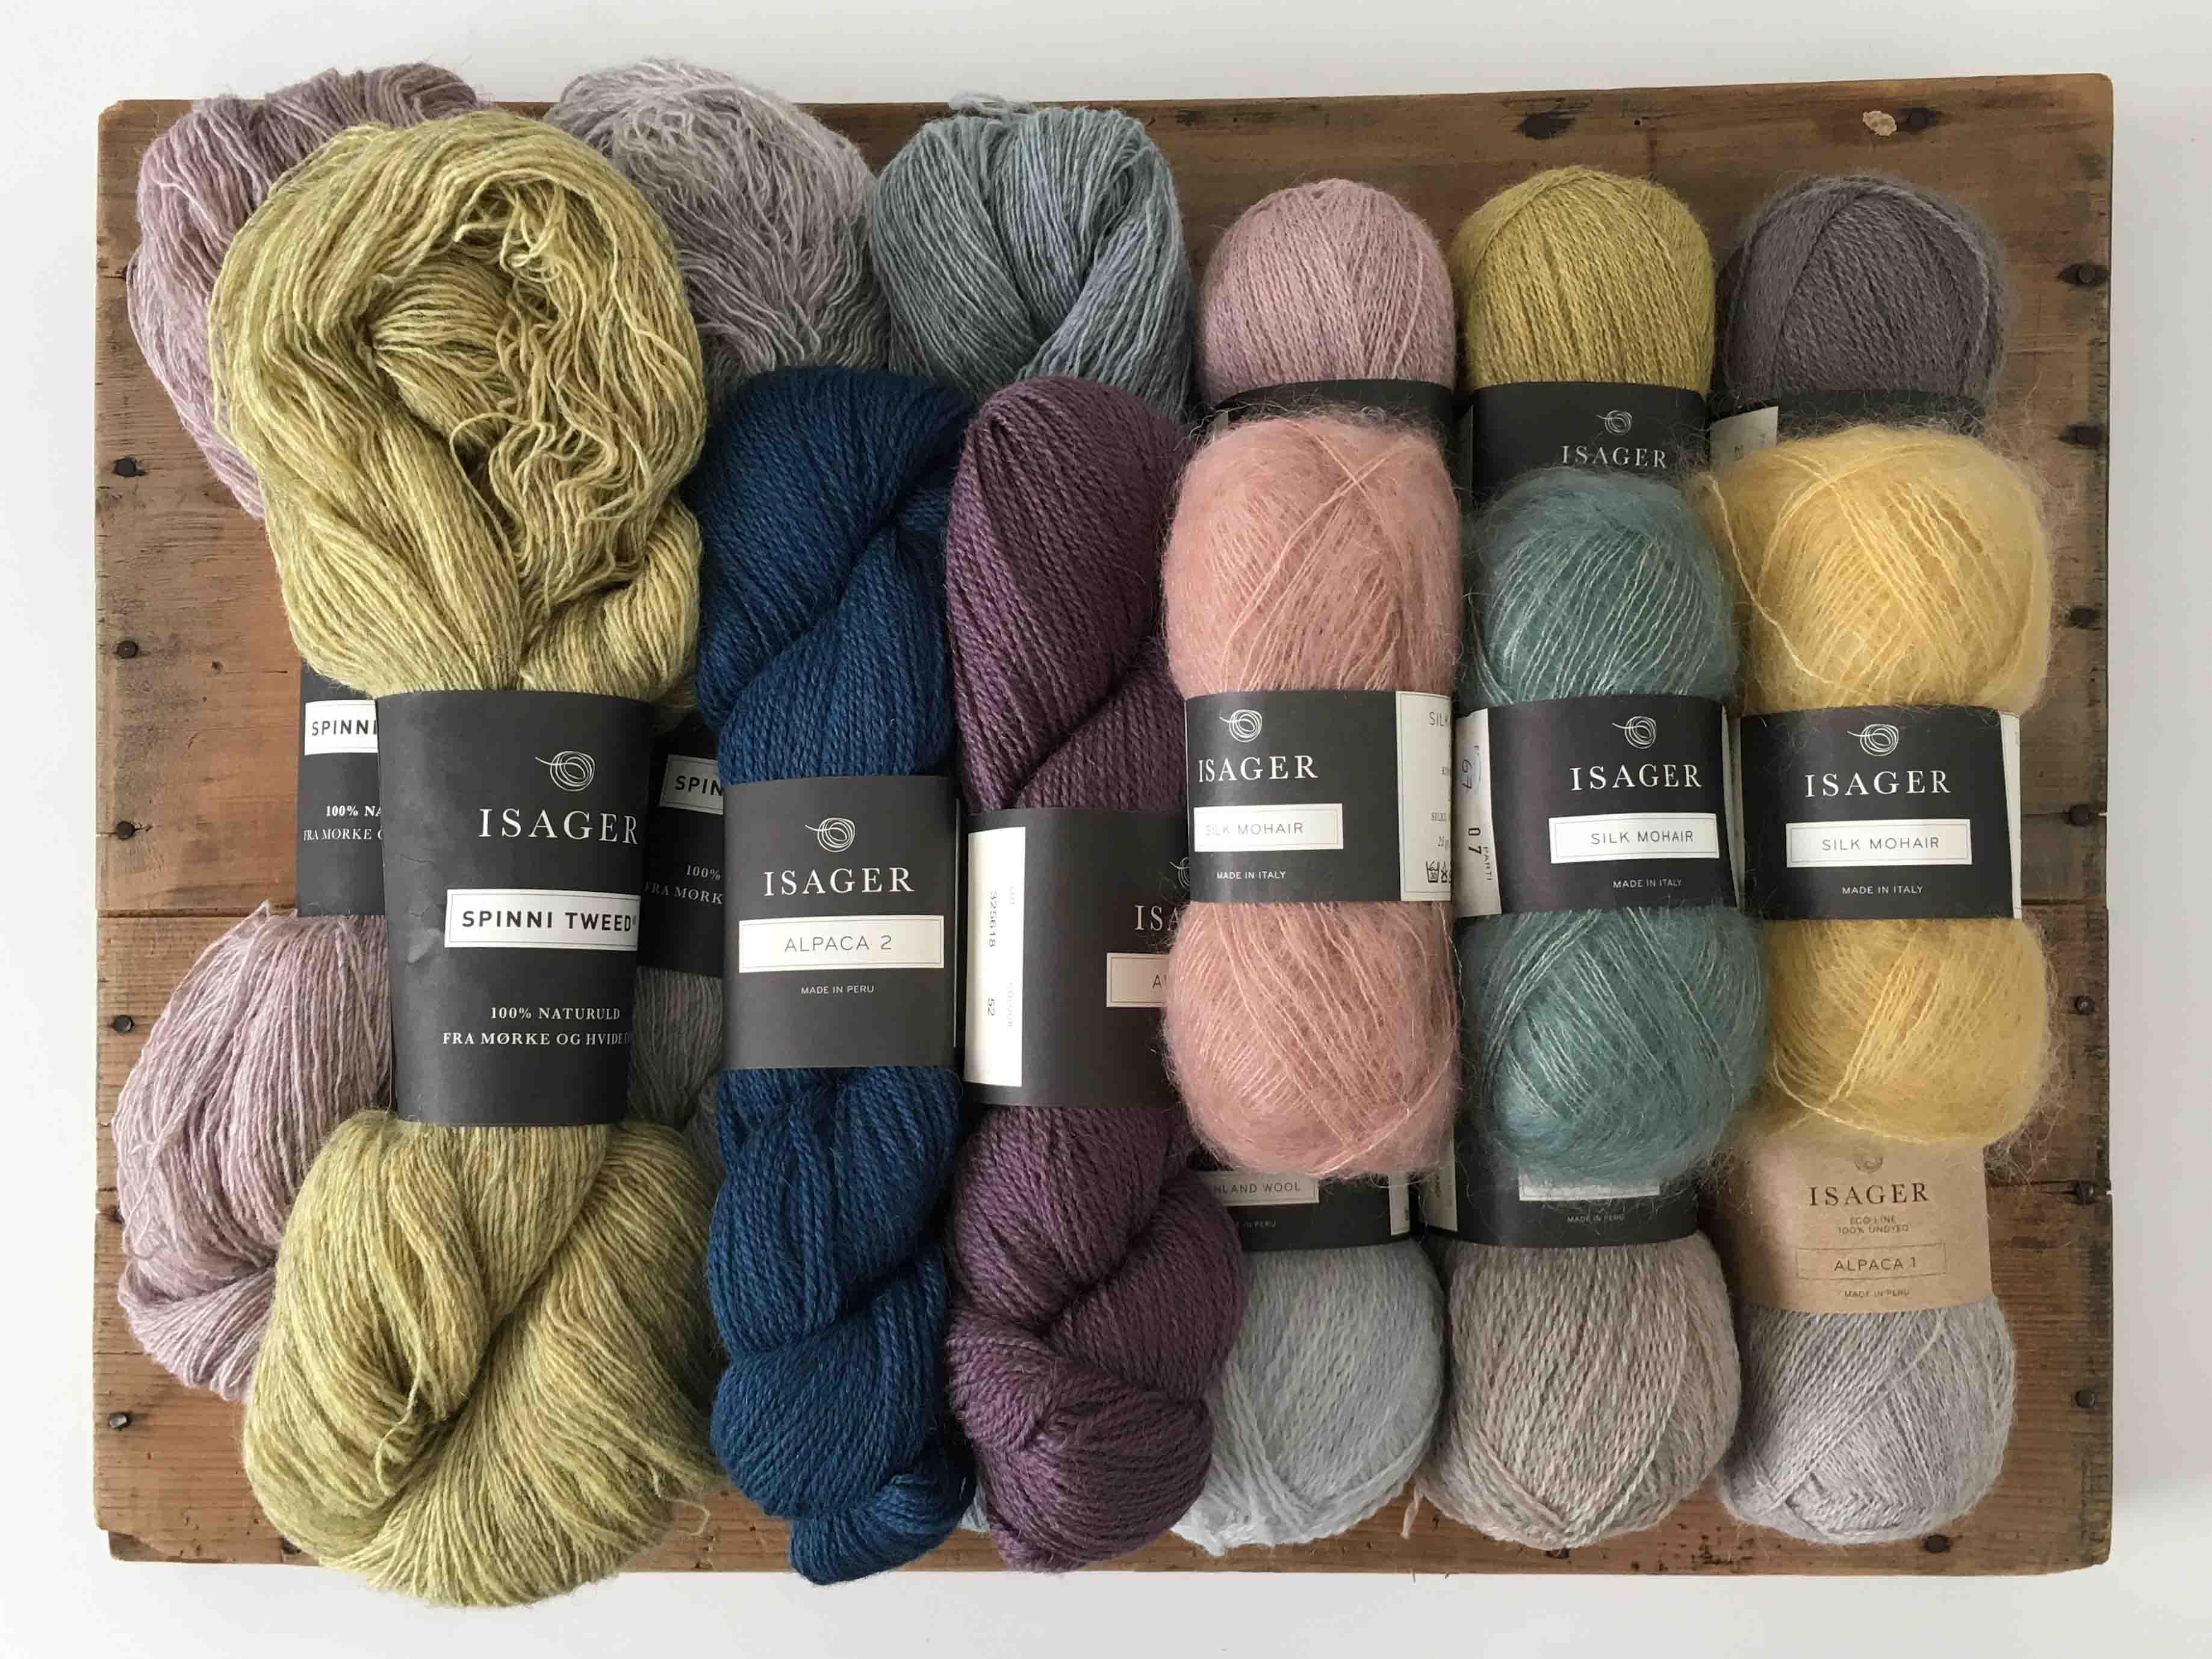 デンマークよりマリアンネイサガーが提案するISAGER毛糸